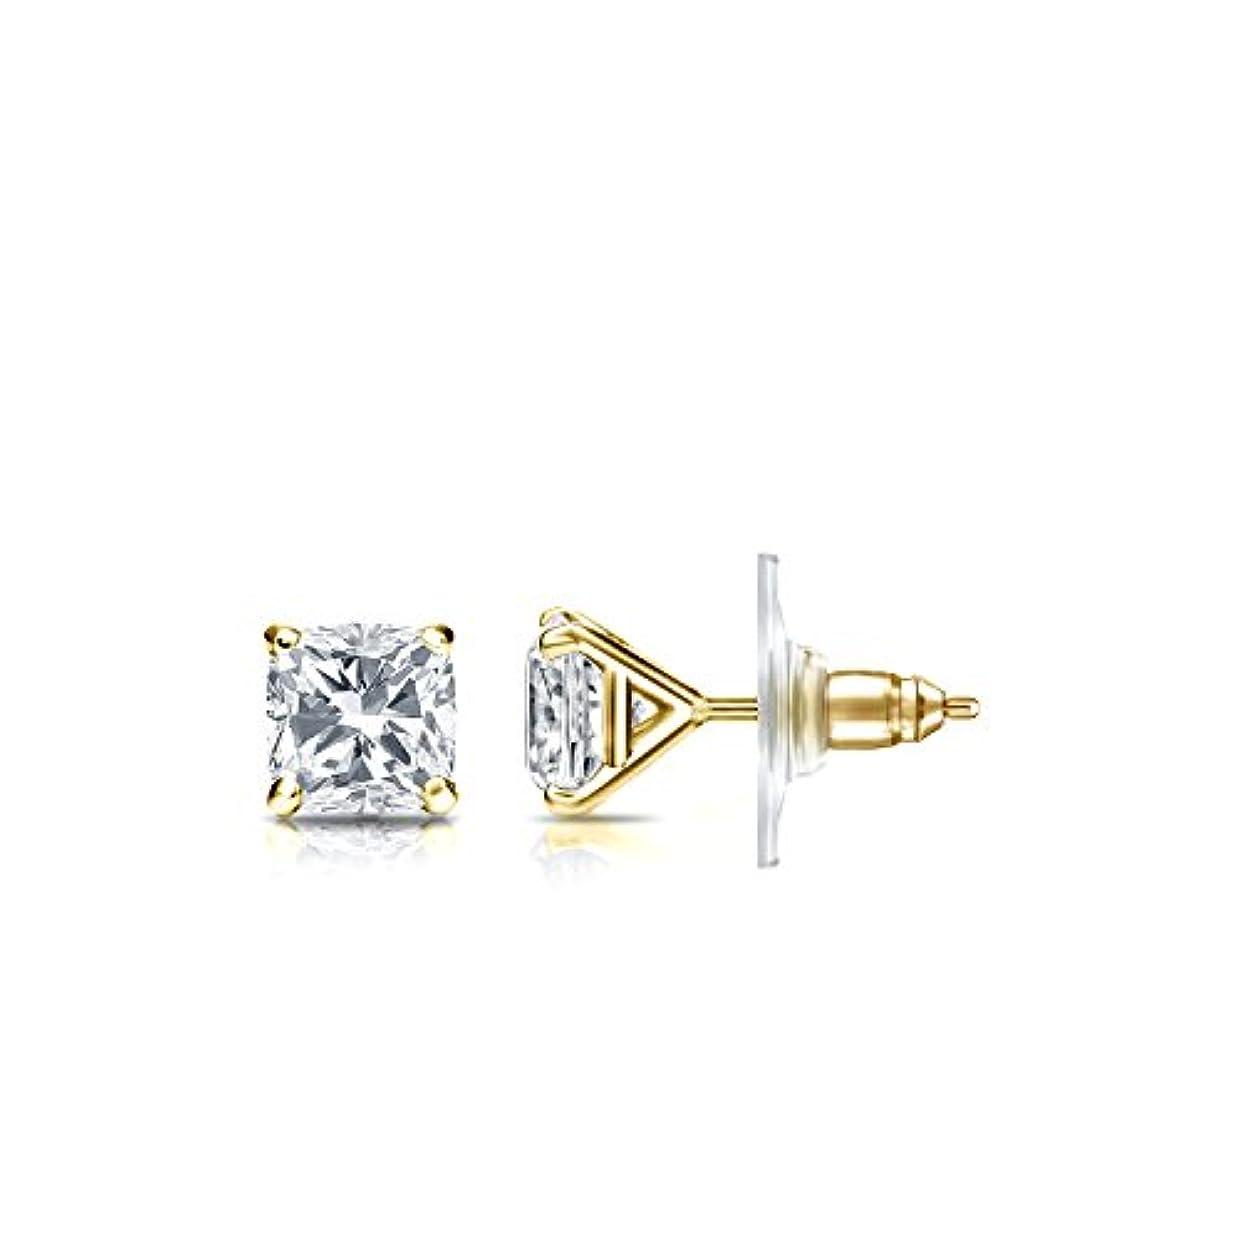 現在虚弱鬼ごっこ14 Kゴールド4プロングMartiniクッションダイヤモンドメンズスタッドイヤリング( 1 / 2 – 2 ct、ホワイト、si1-si2 ) SLD